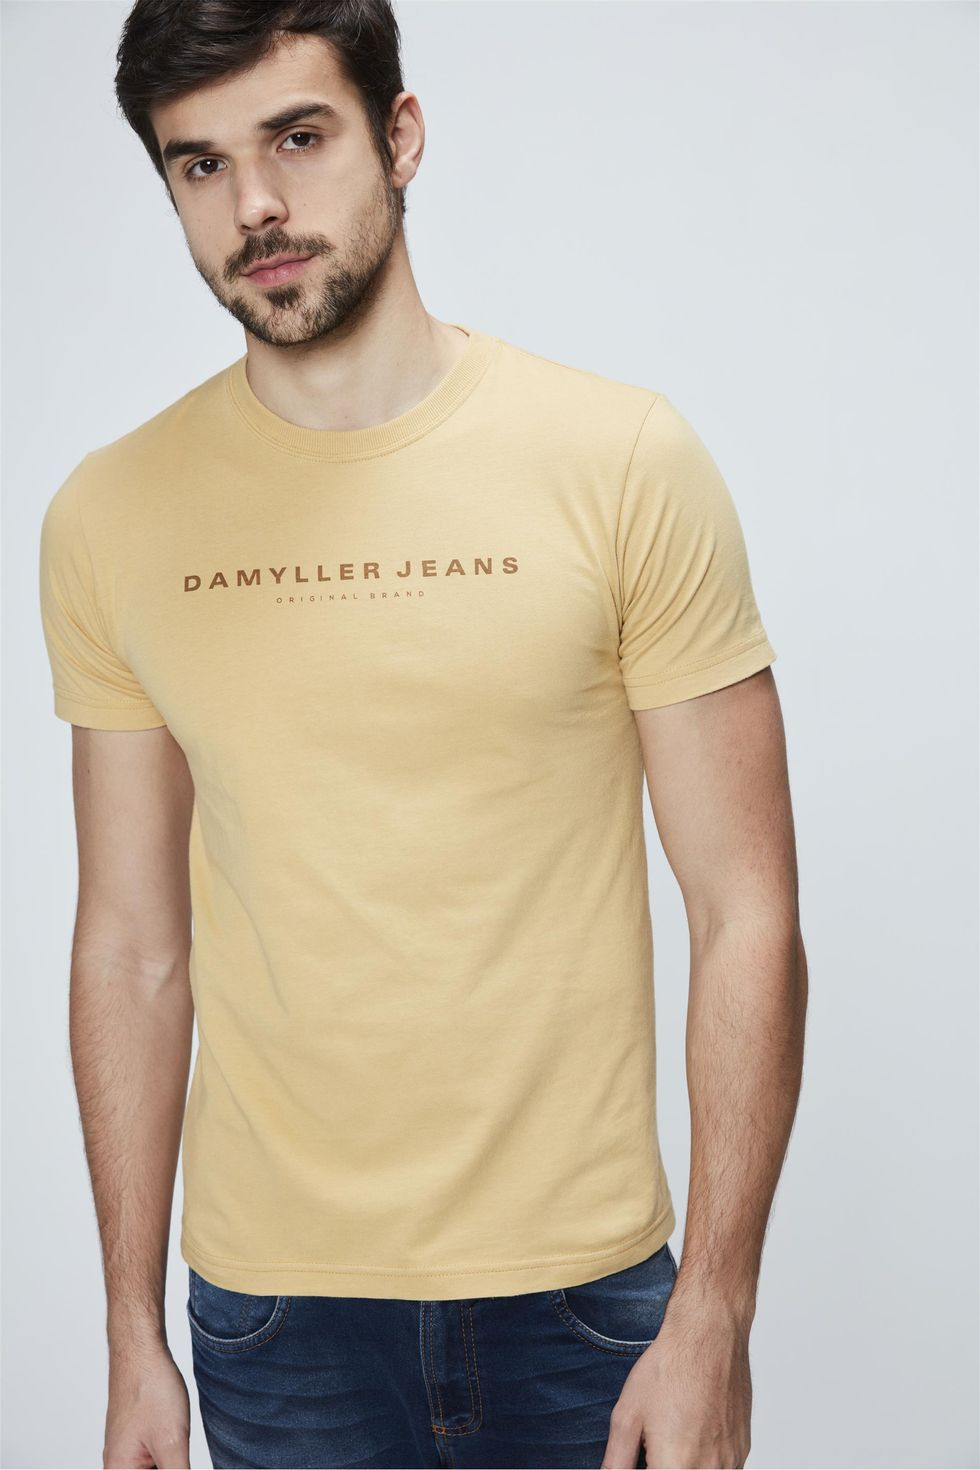 Camiseta-Tingida-Masculina-Ecodamyller-Frente--